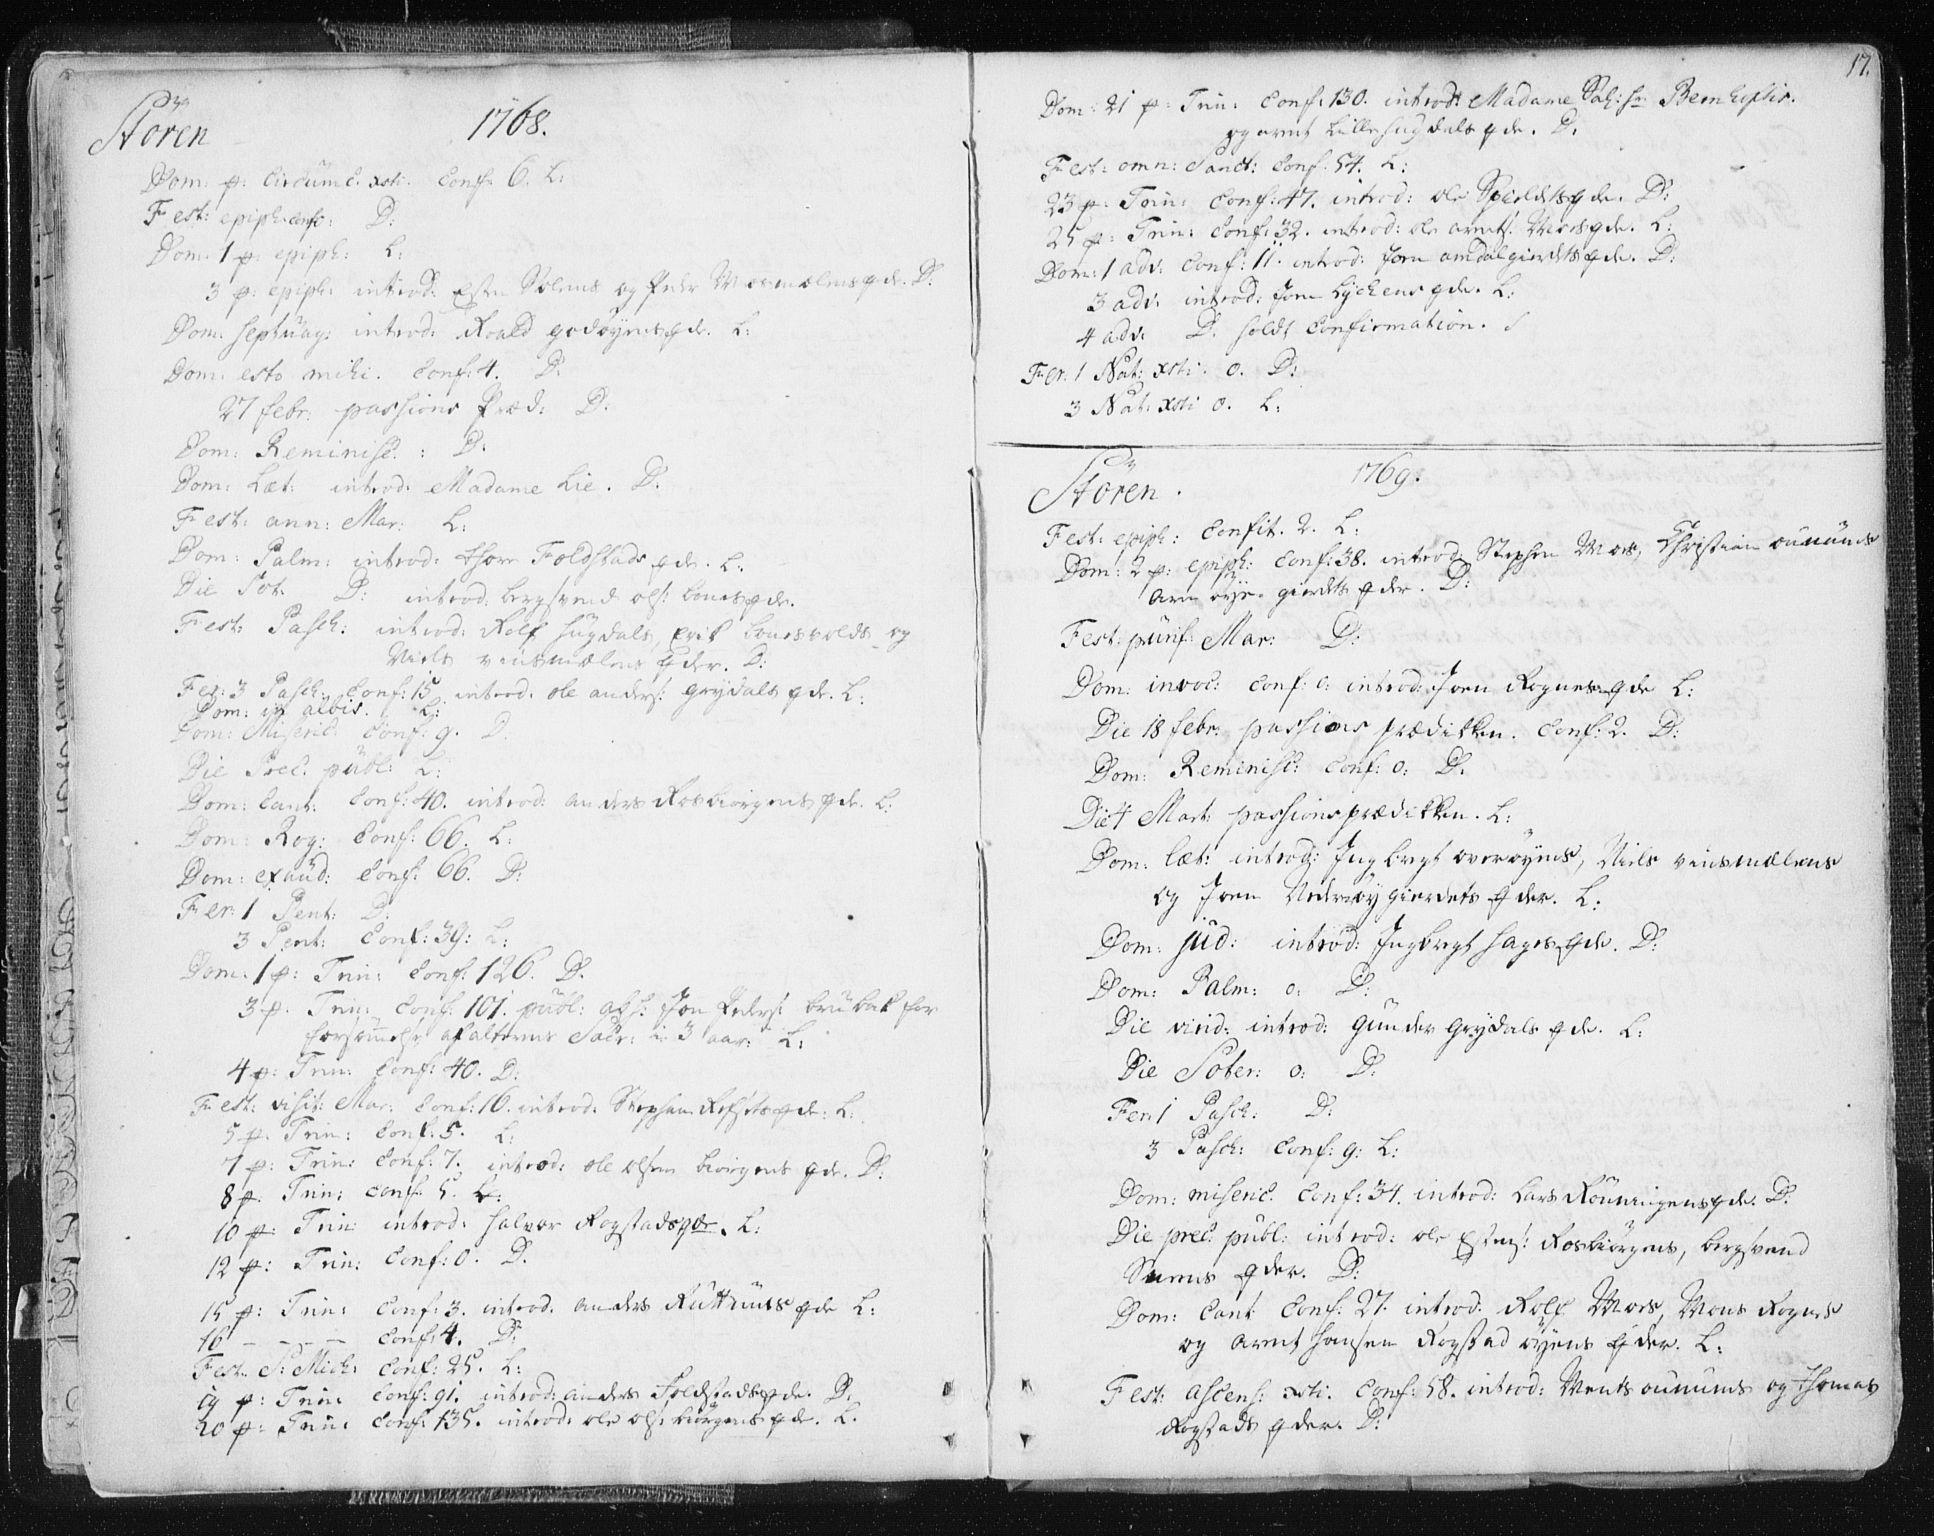 SAT, Ministerialprotokoller, klokkerbøker og fødselsregistre - Sør-Trøndelag, 687/L0991: Ministerialbok nr. 687A02, 1747-1790, s. 17